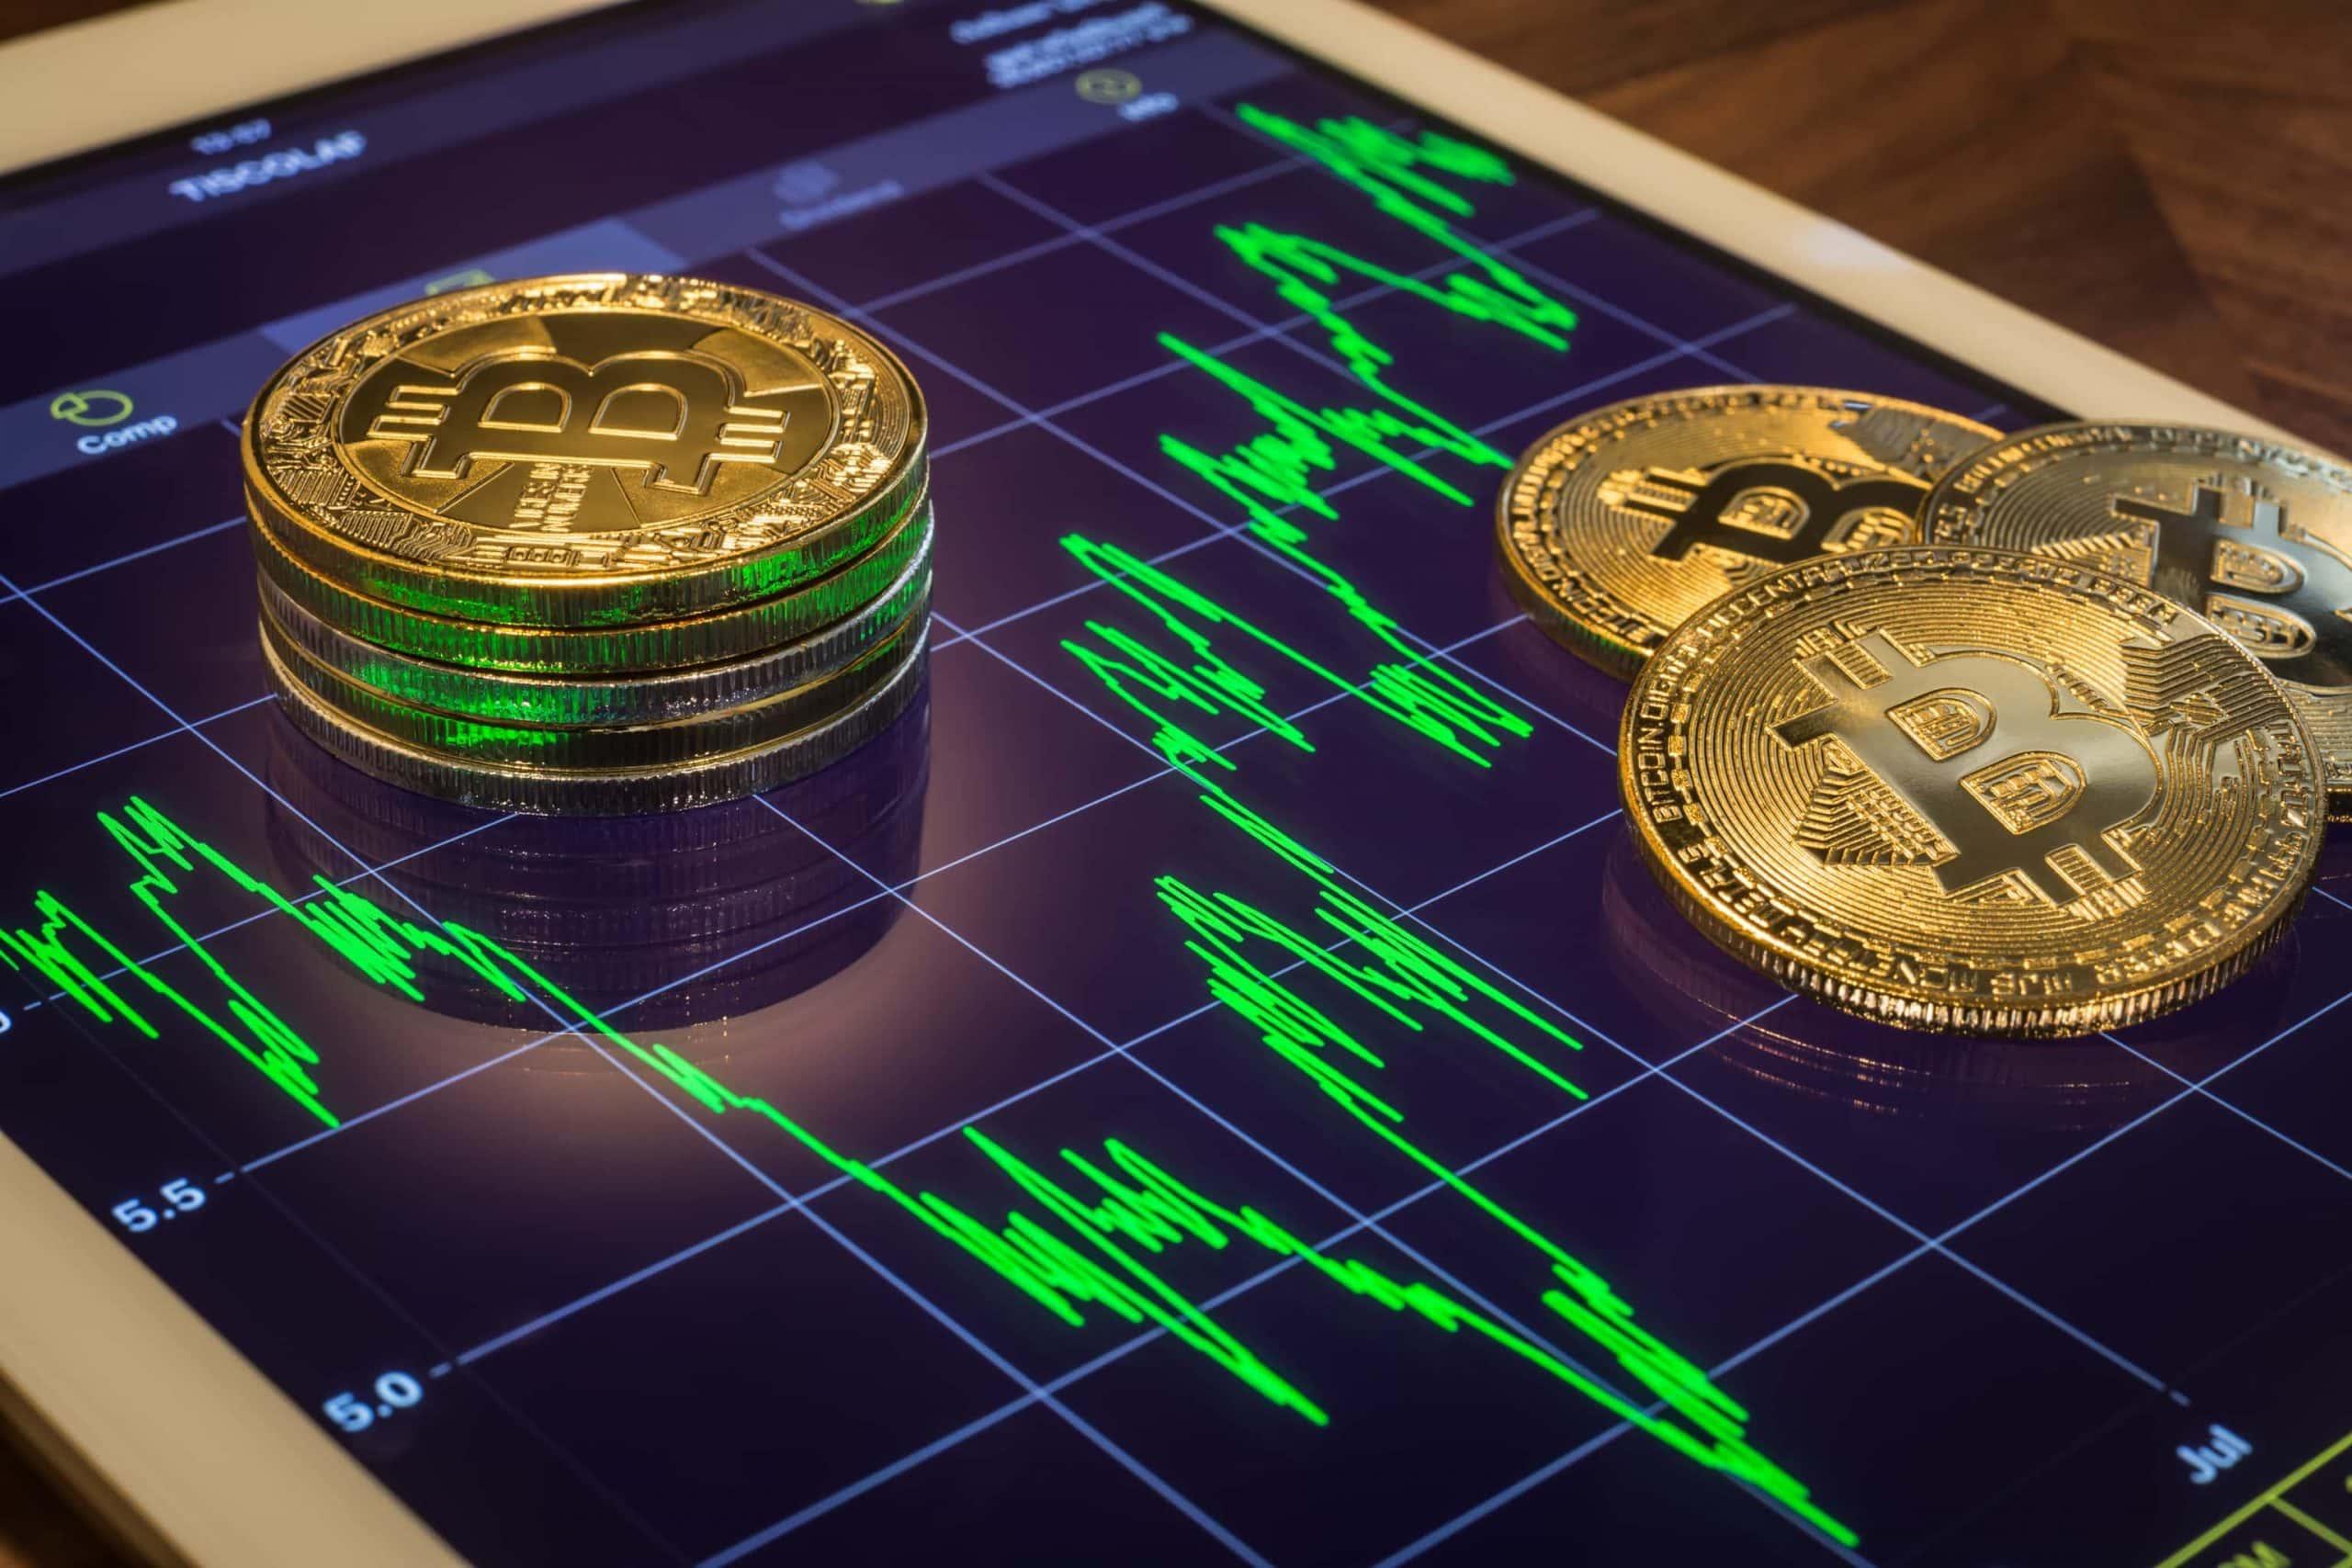 Bitcoin-Münzen auf einem Tablet, das einen Kursverlauf zeigt